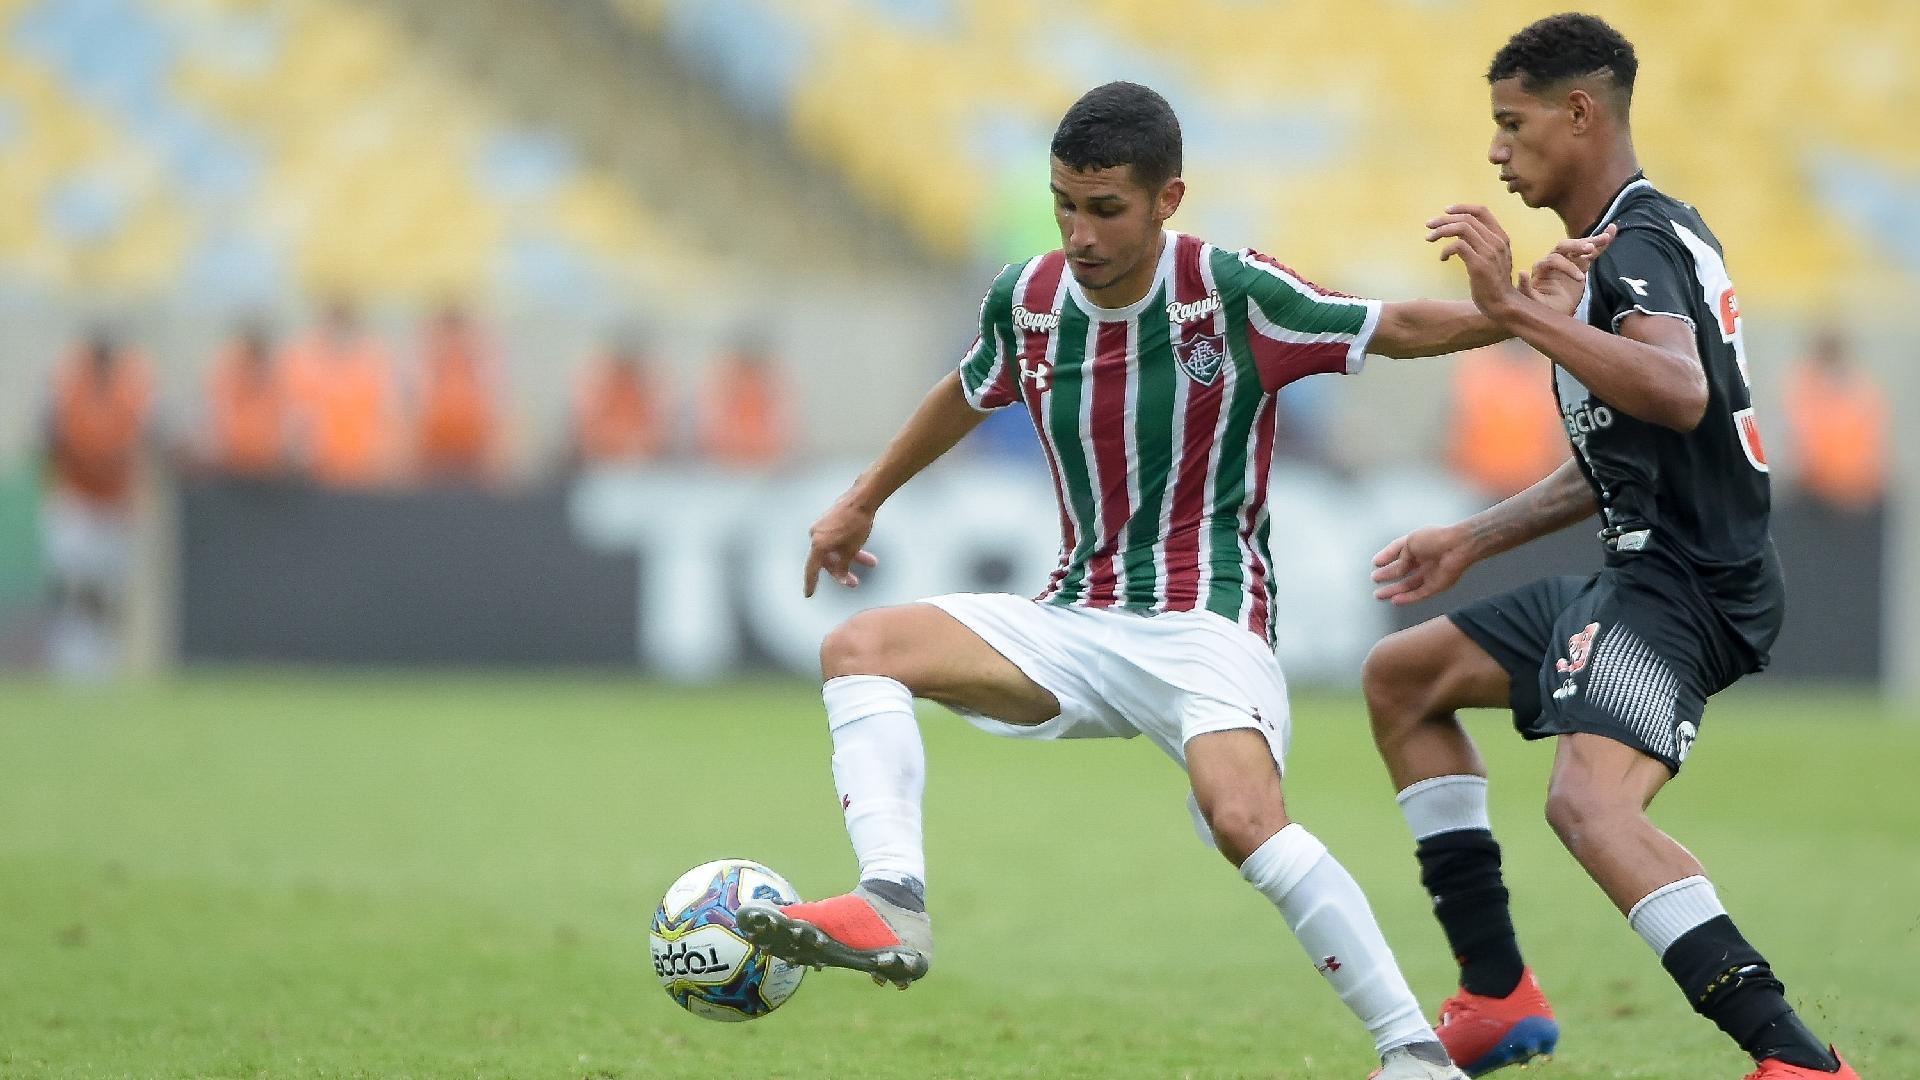 Danielzinho e Marrony disputam bola durante a partida entre Vasco e Fluminense